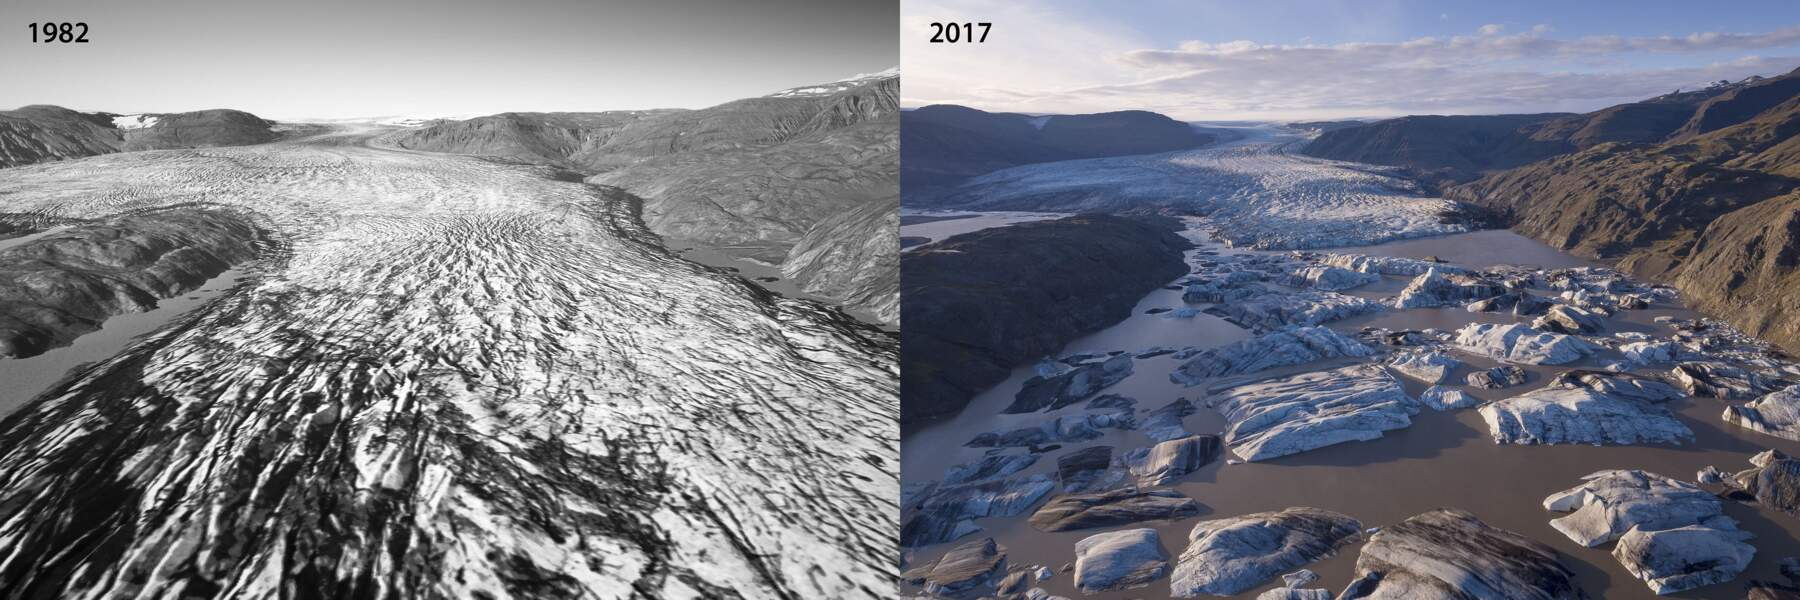 Le glacier Hoffellsjökull en 1982 et en 2017